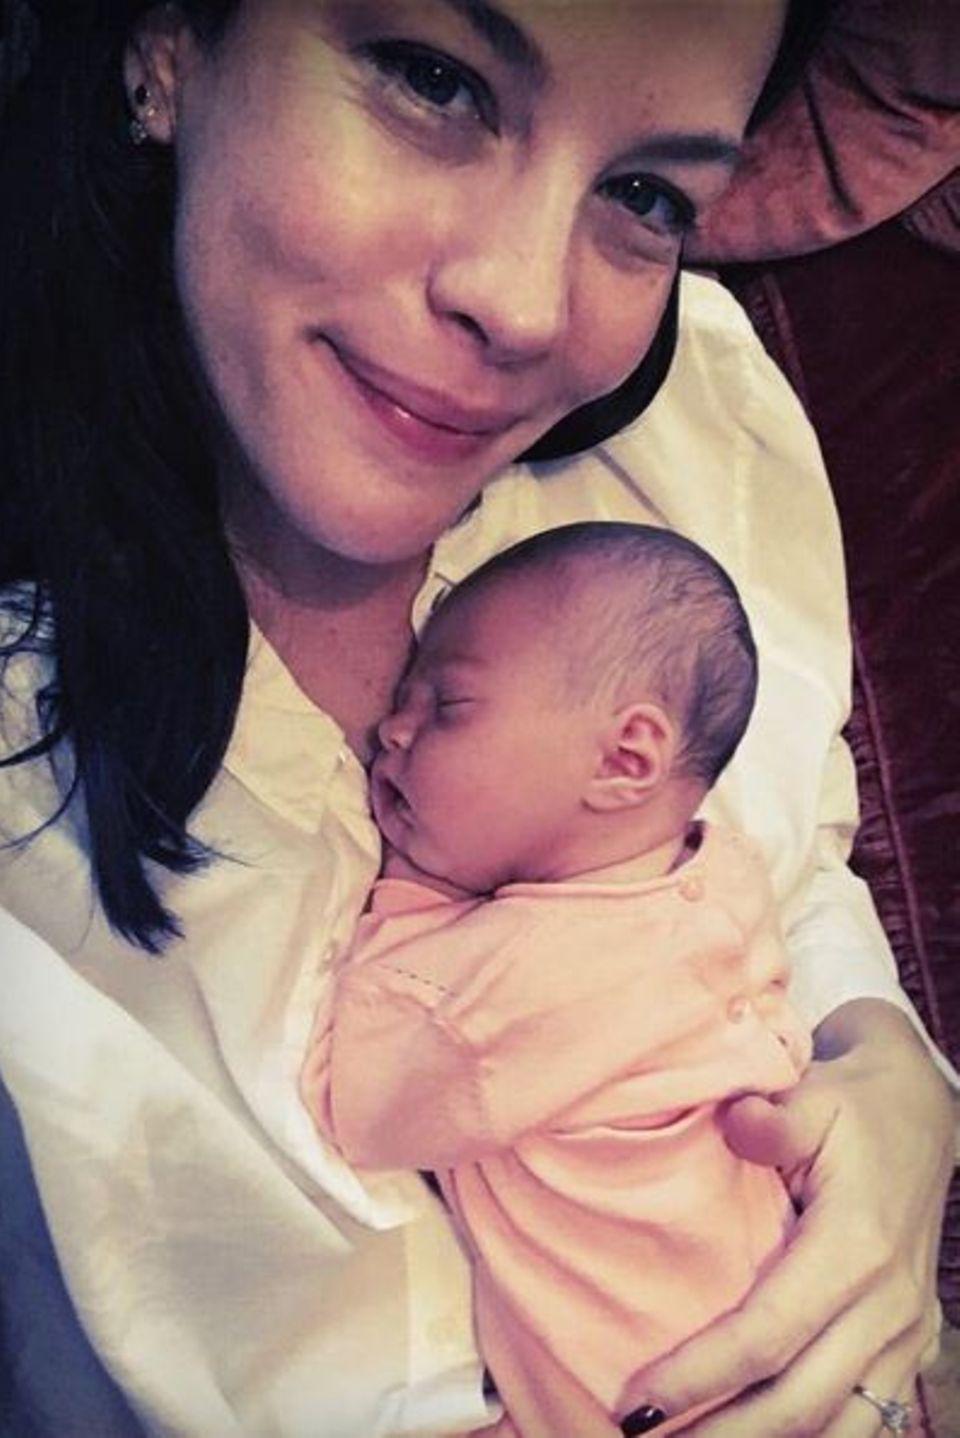 21. Juli 2016: Die Patchworkfamilie ist komplett: Liv Tyler stellt ihre kleine Tochter Lula Rose ihren Fans vor und strahlt vor Glück. Es ist das zweite gemeinsame Kind mit David Garner, beide haben jeweils einen Sohn aus vorherigen Beziehungen.